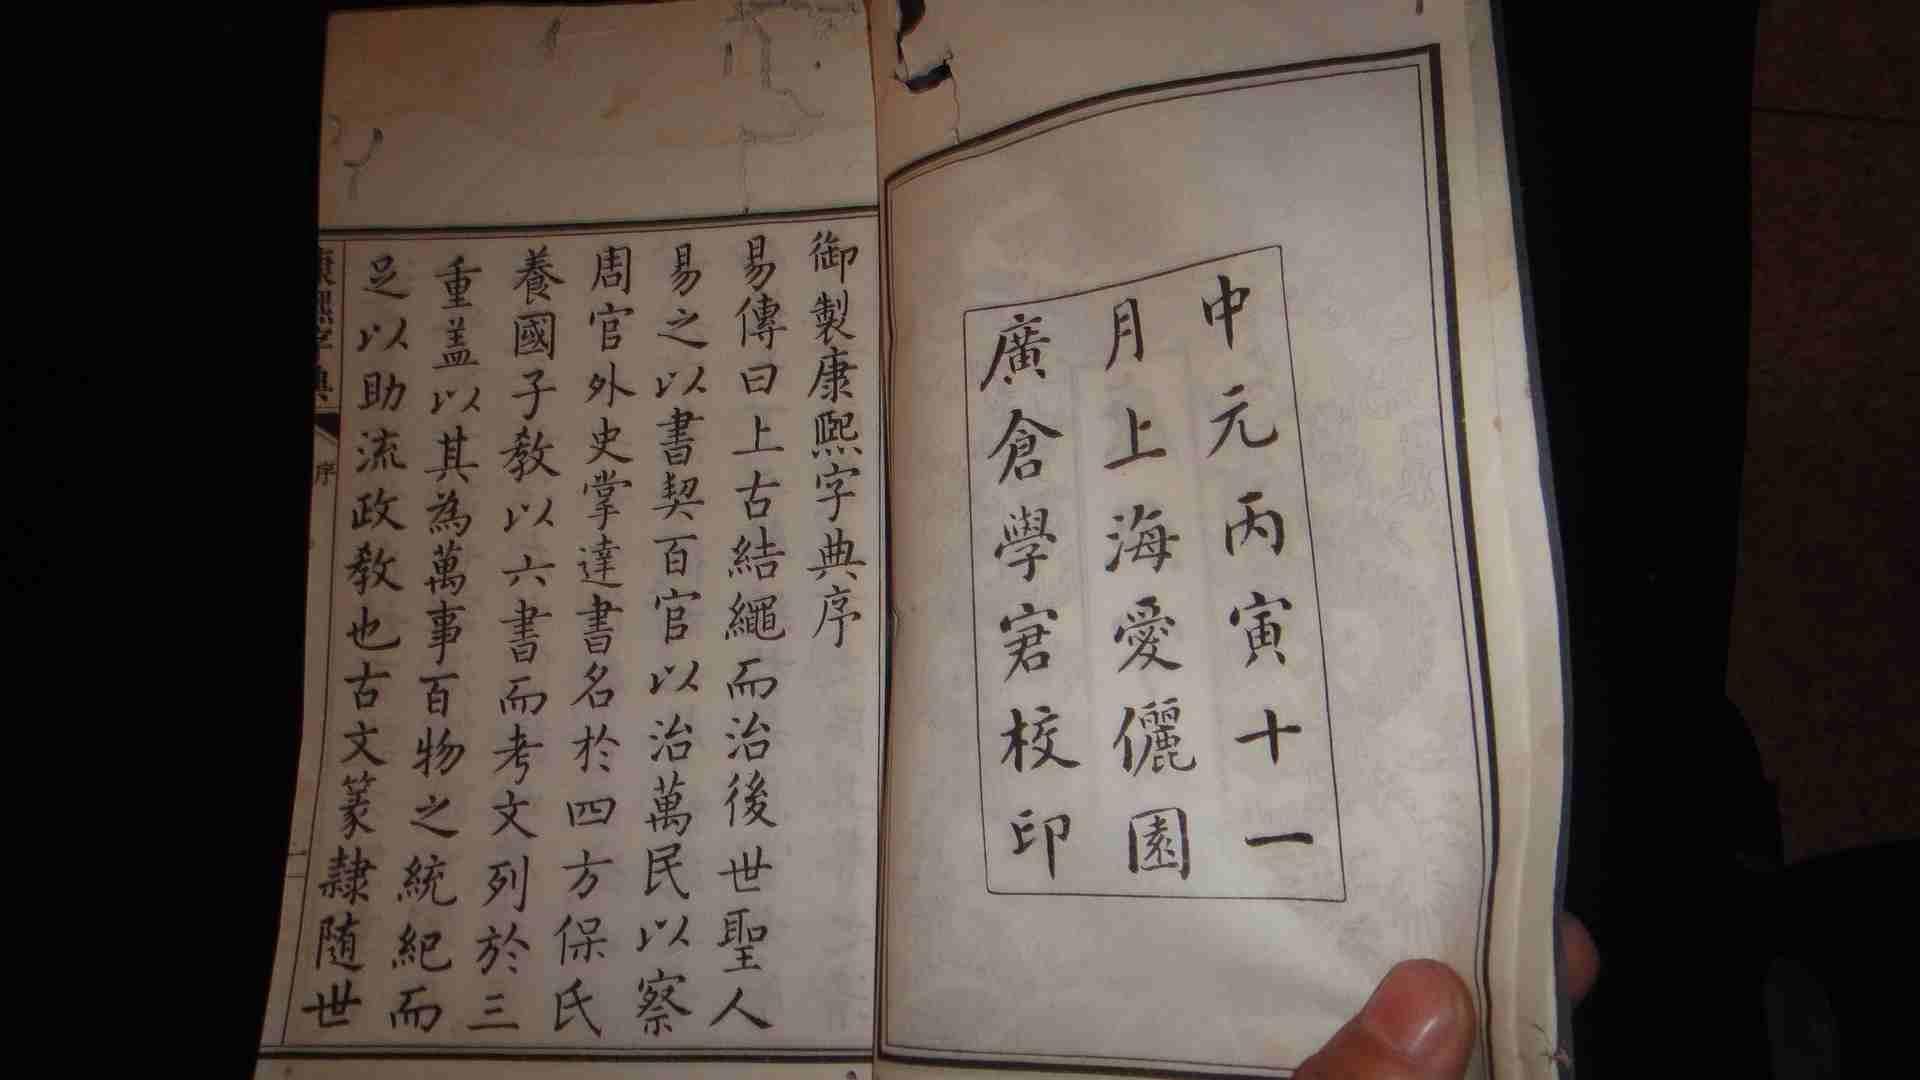 康熙字典在线查字20画字